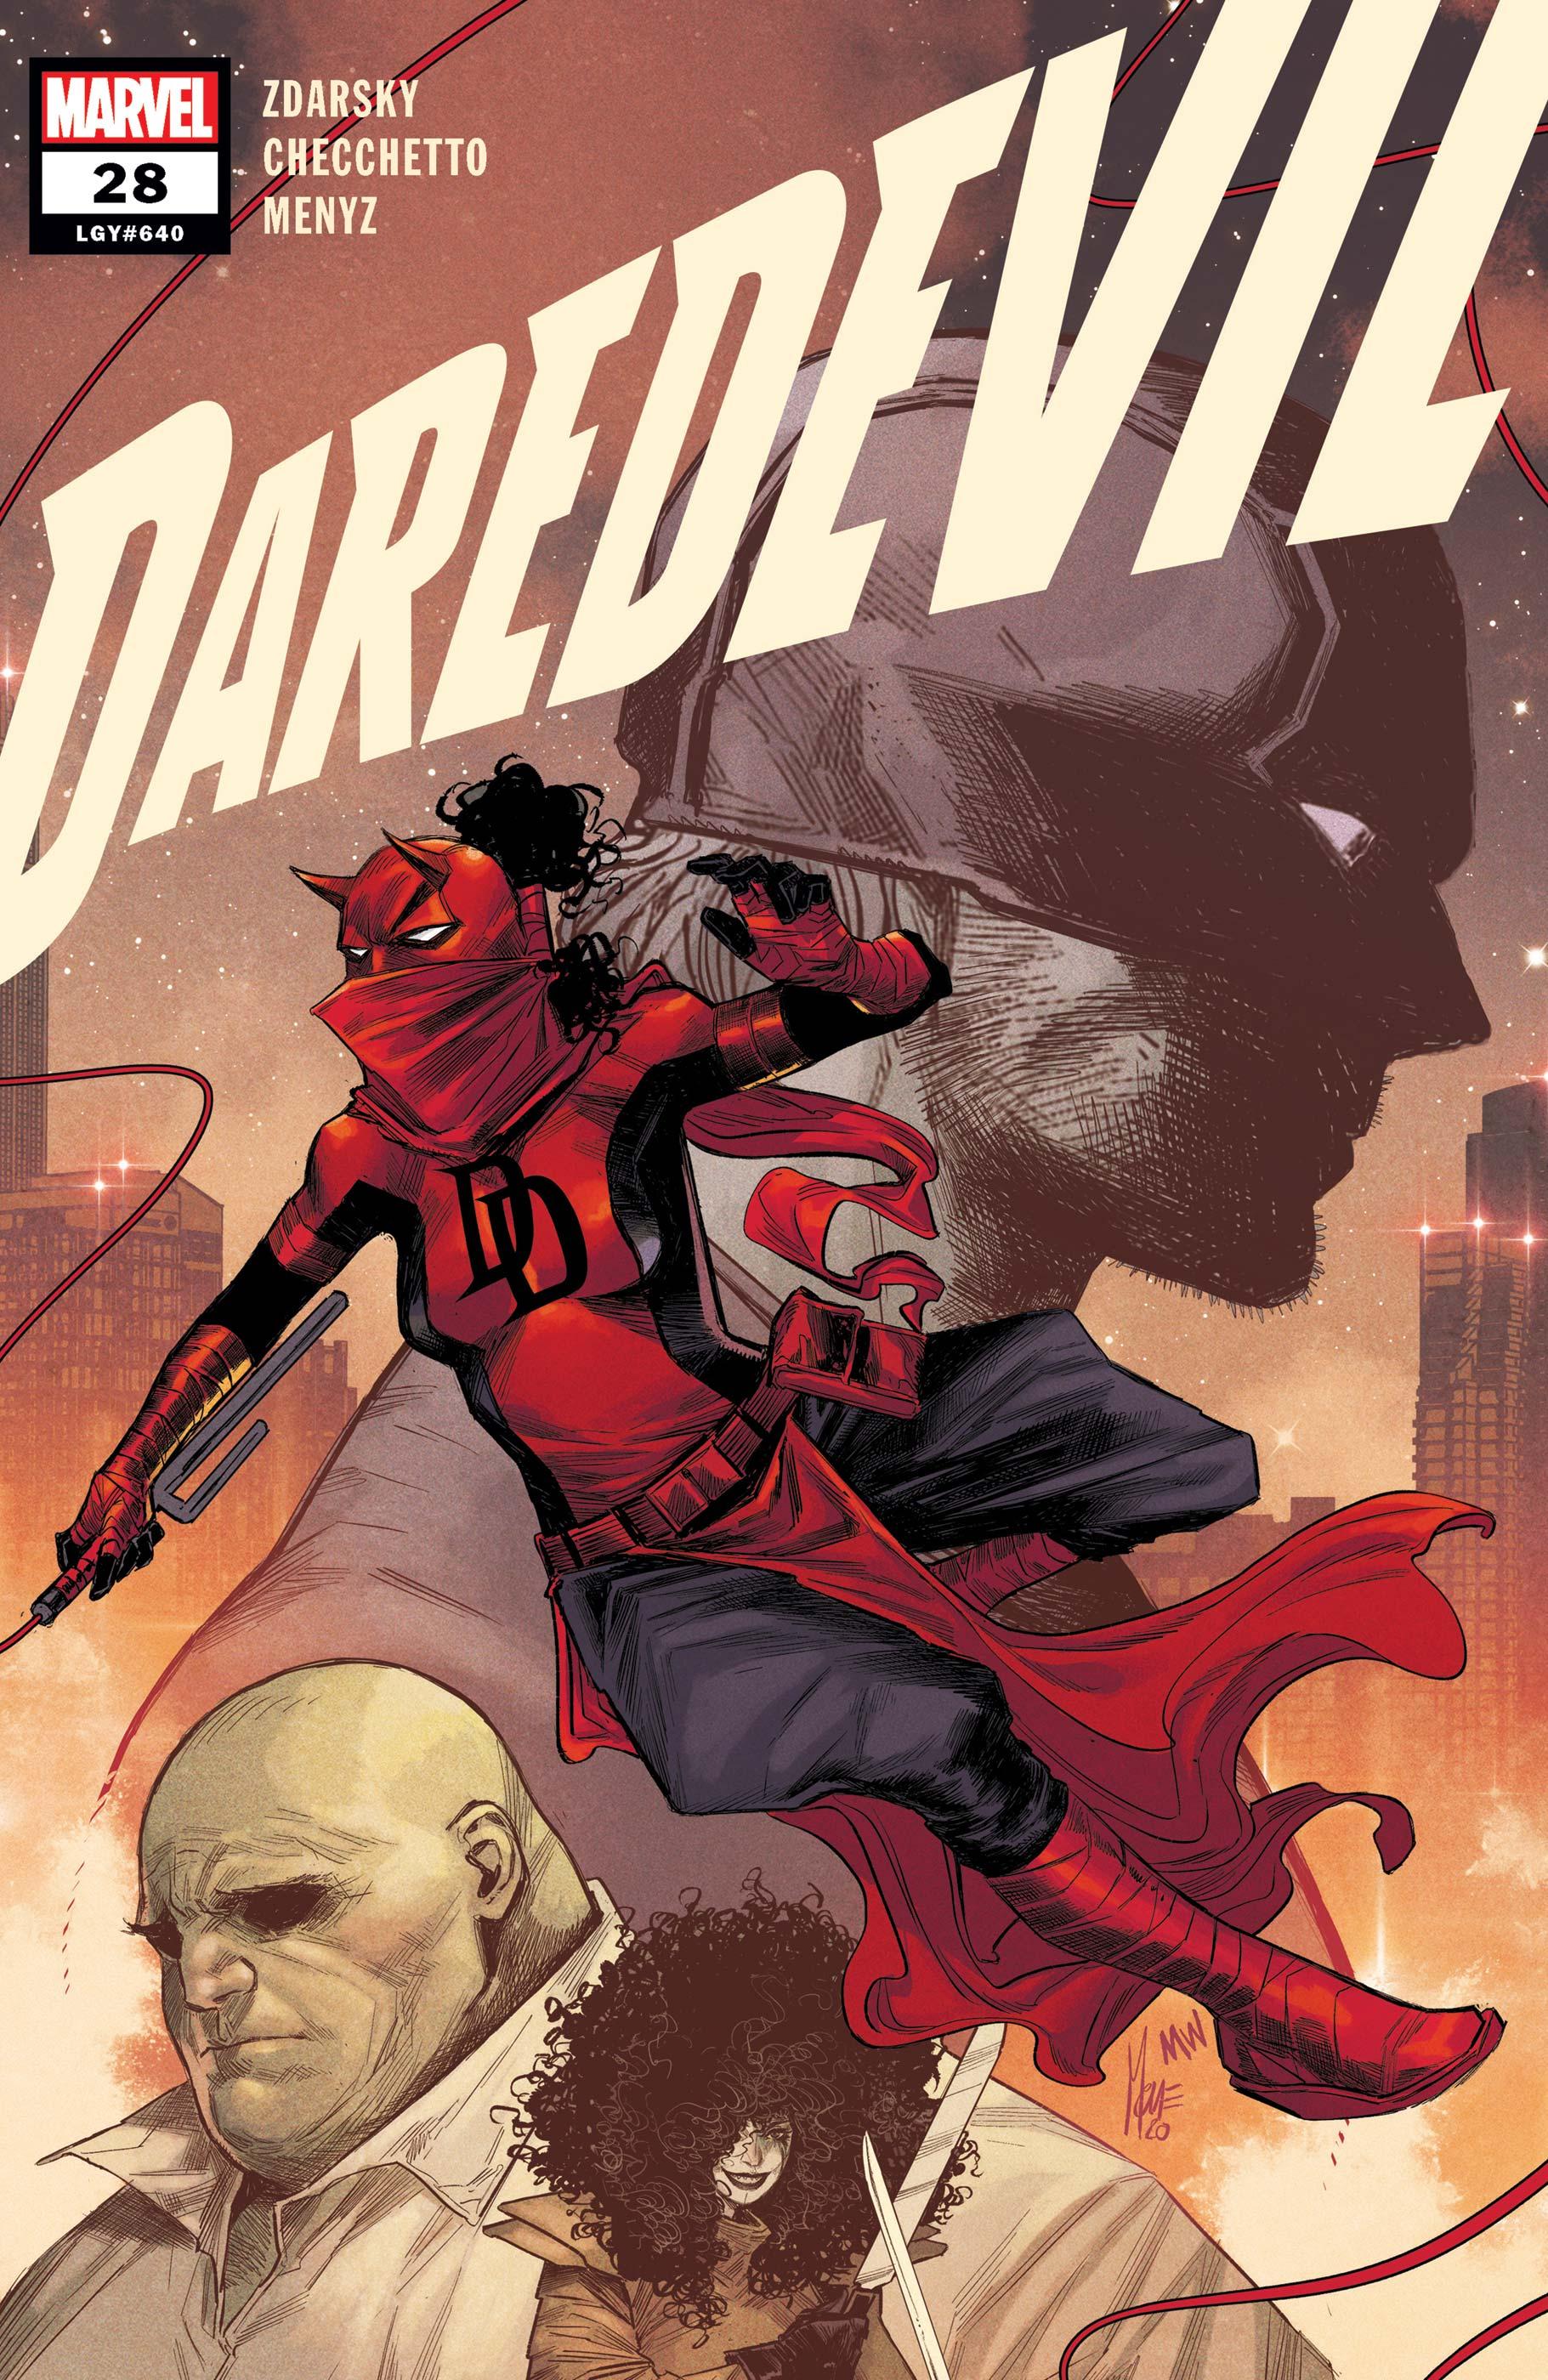 Daredevil (2019) #28